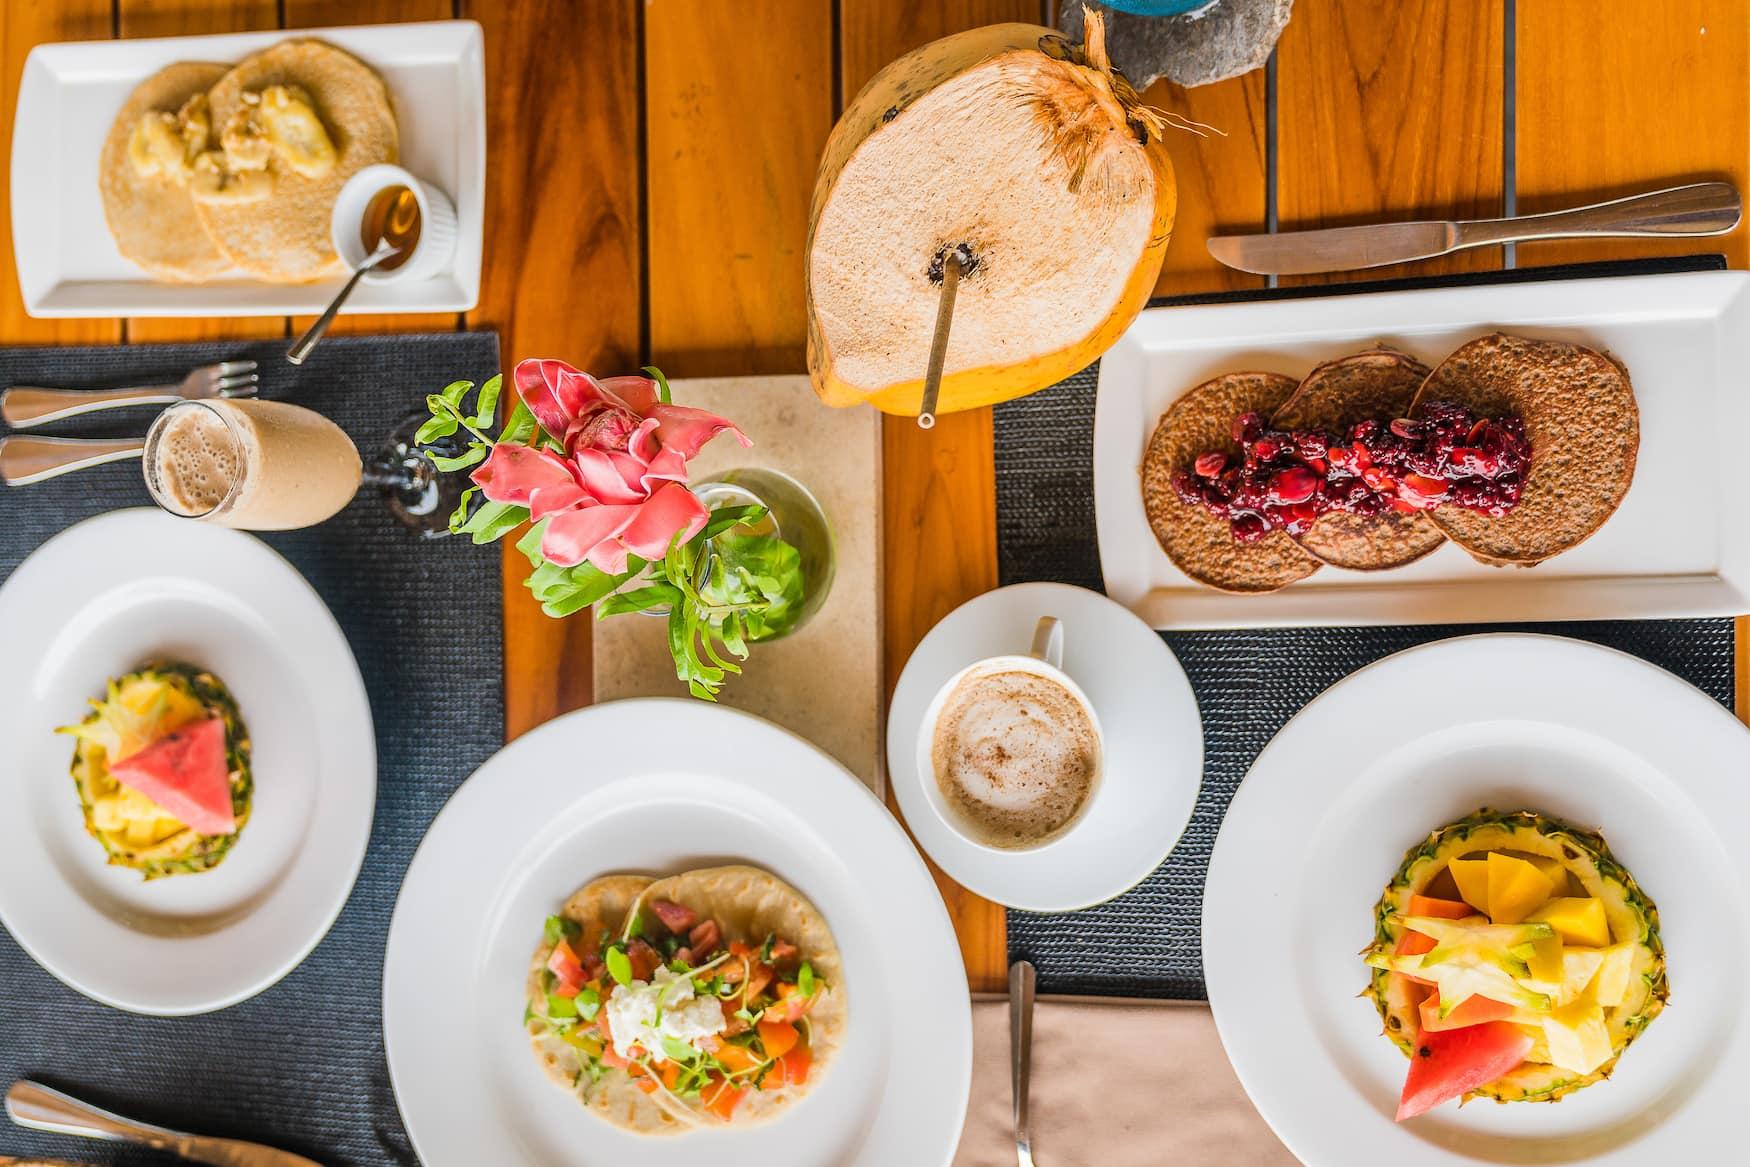 Frühstück, Obst, Hotel, Reise, Costa Rica